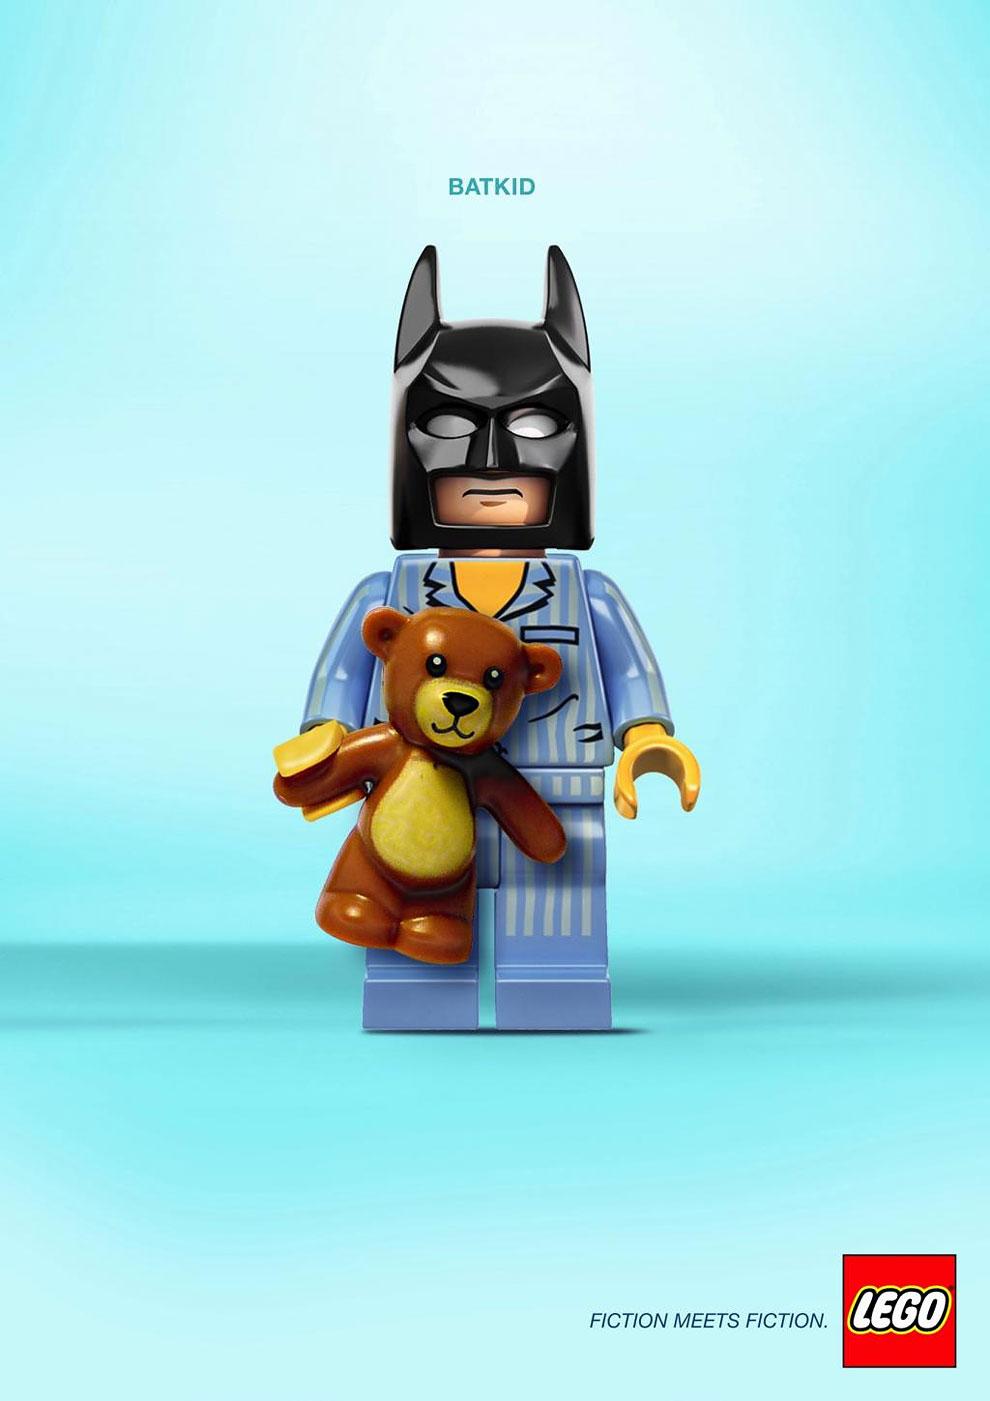 1184 LEGO: Fiction Meets Fiction